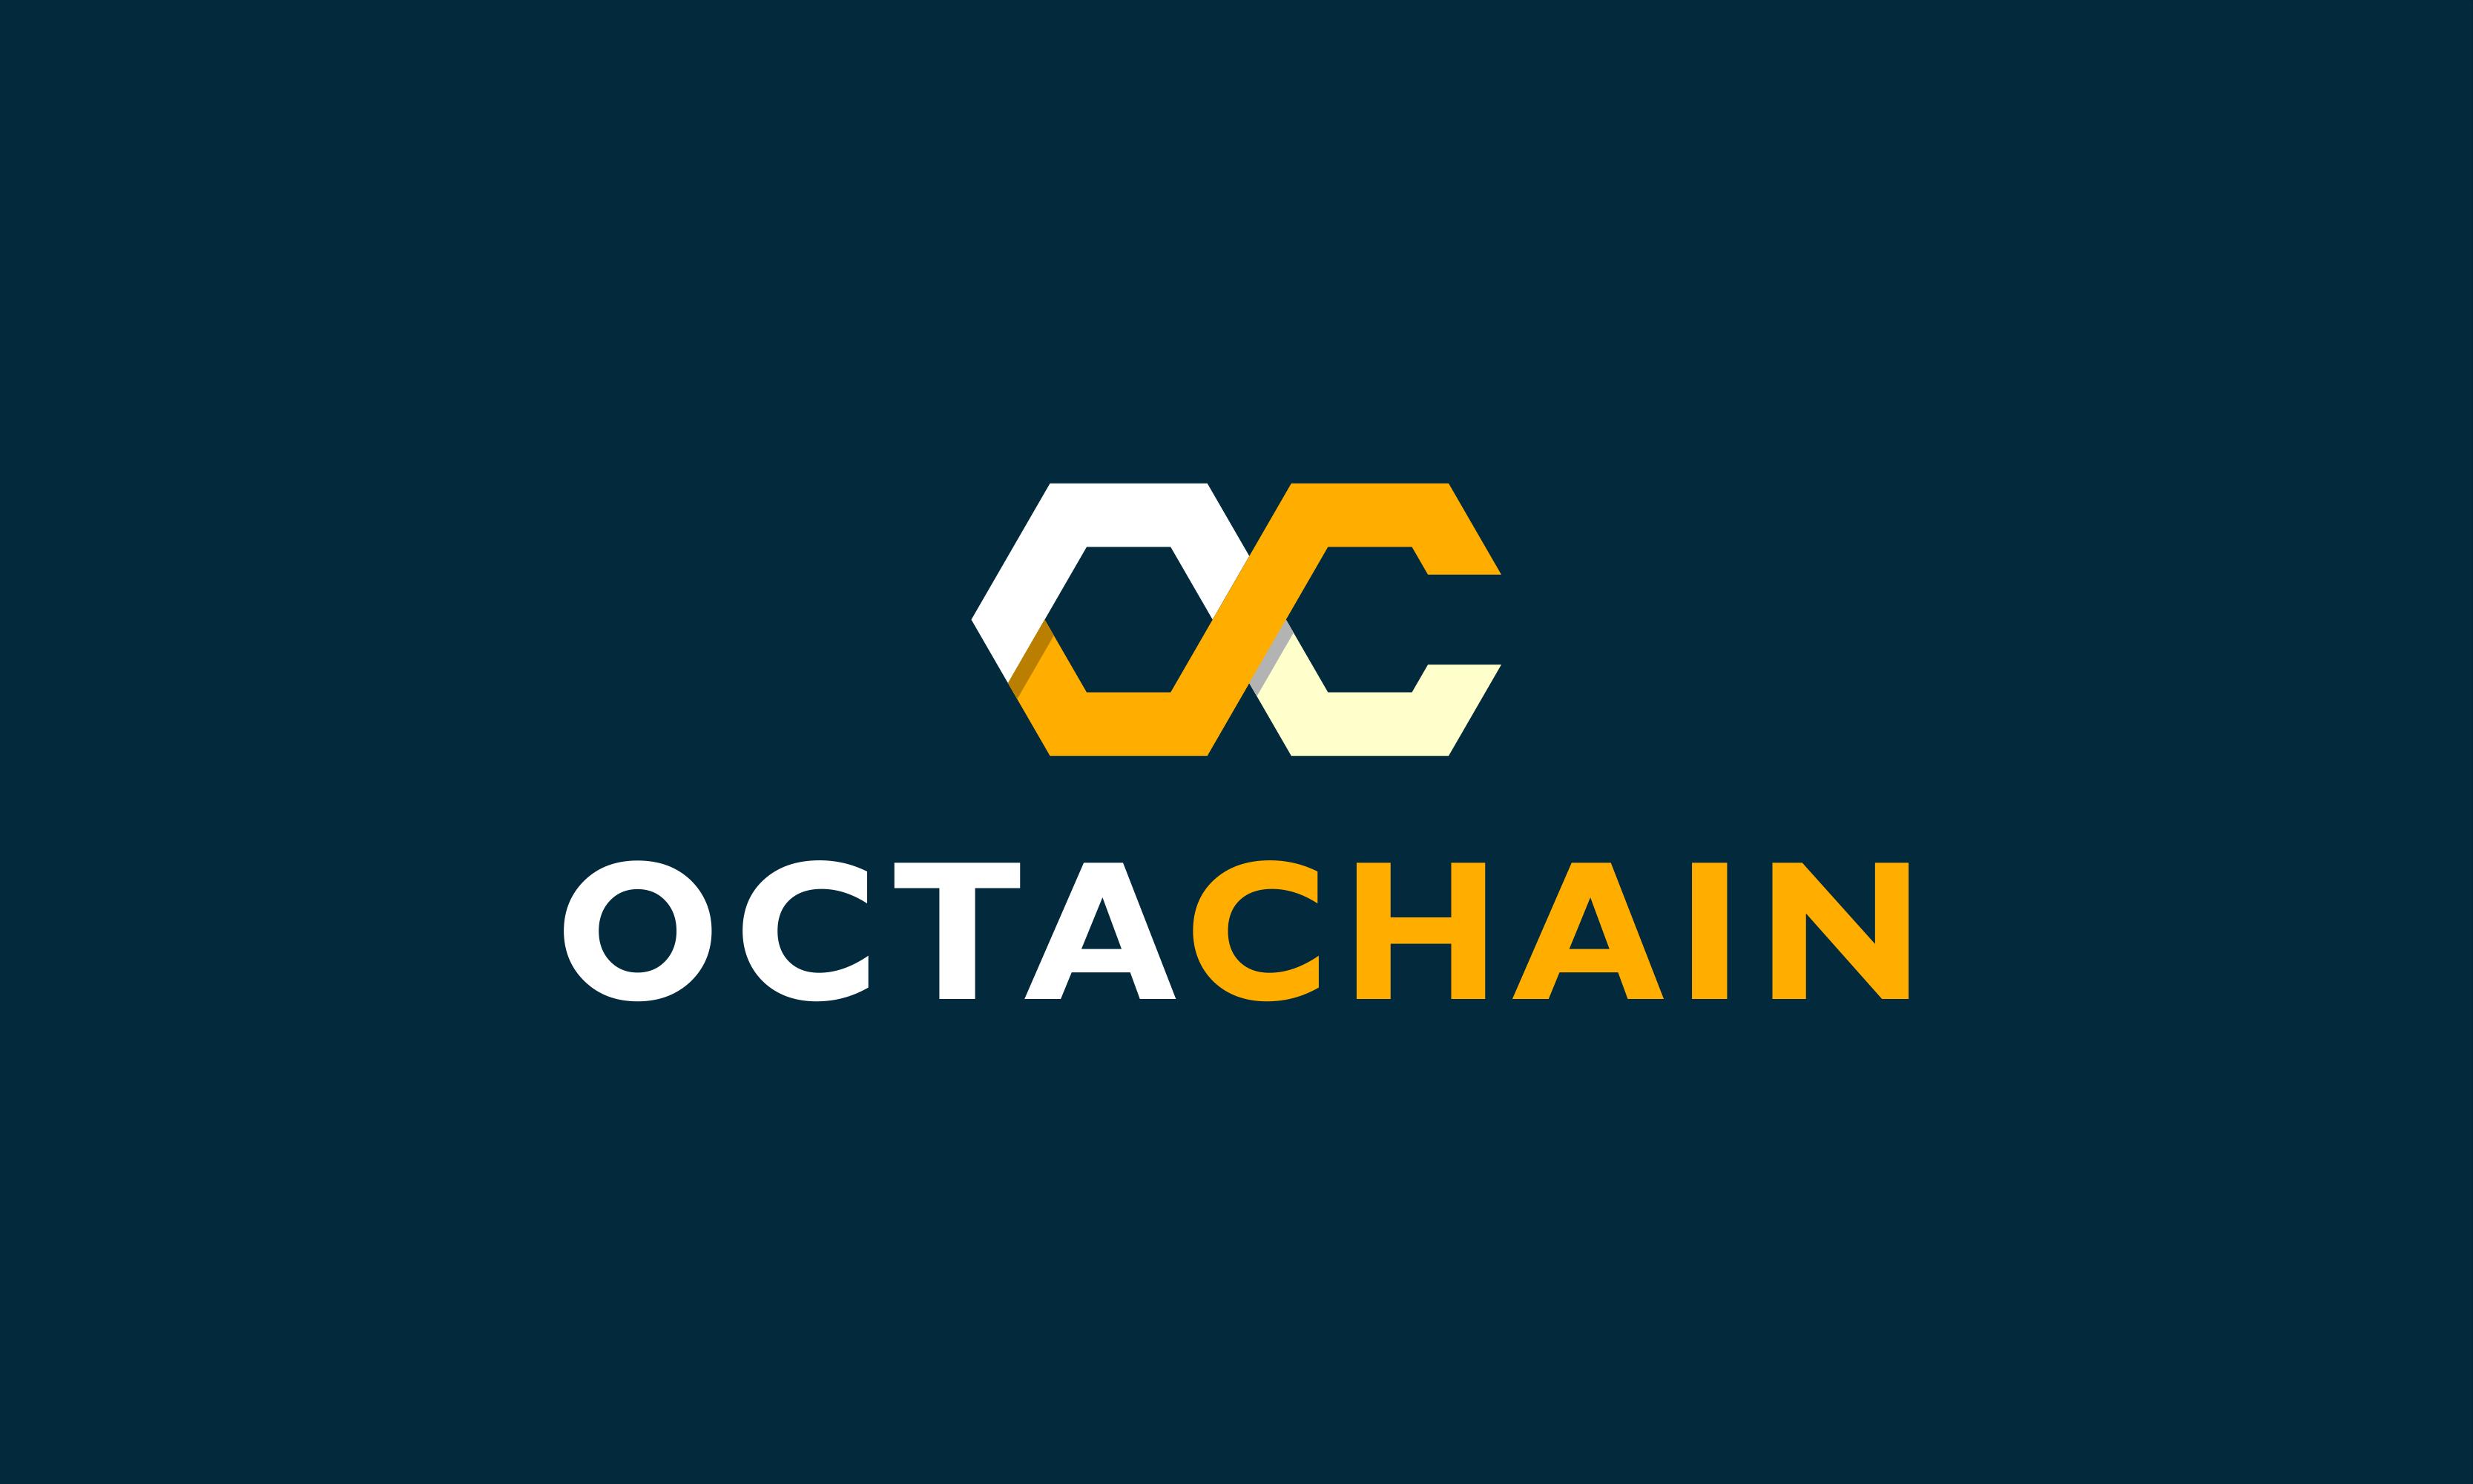 octachain